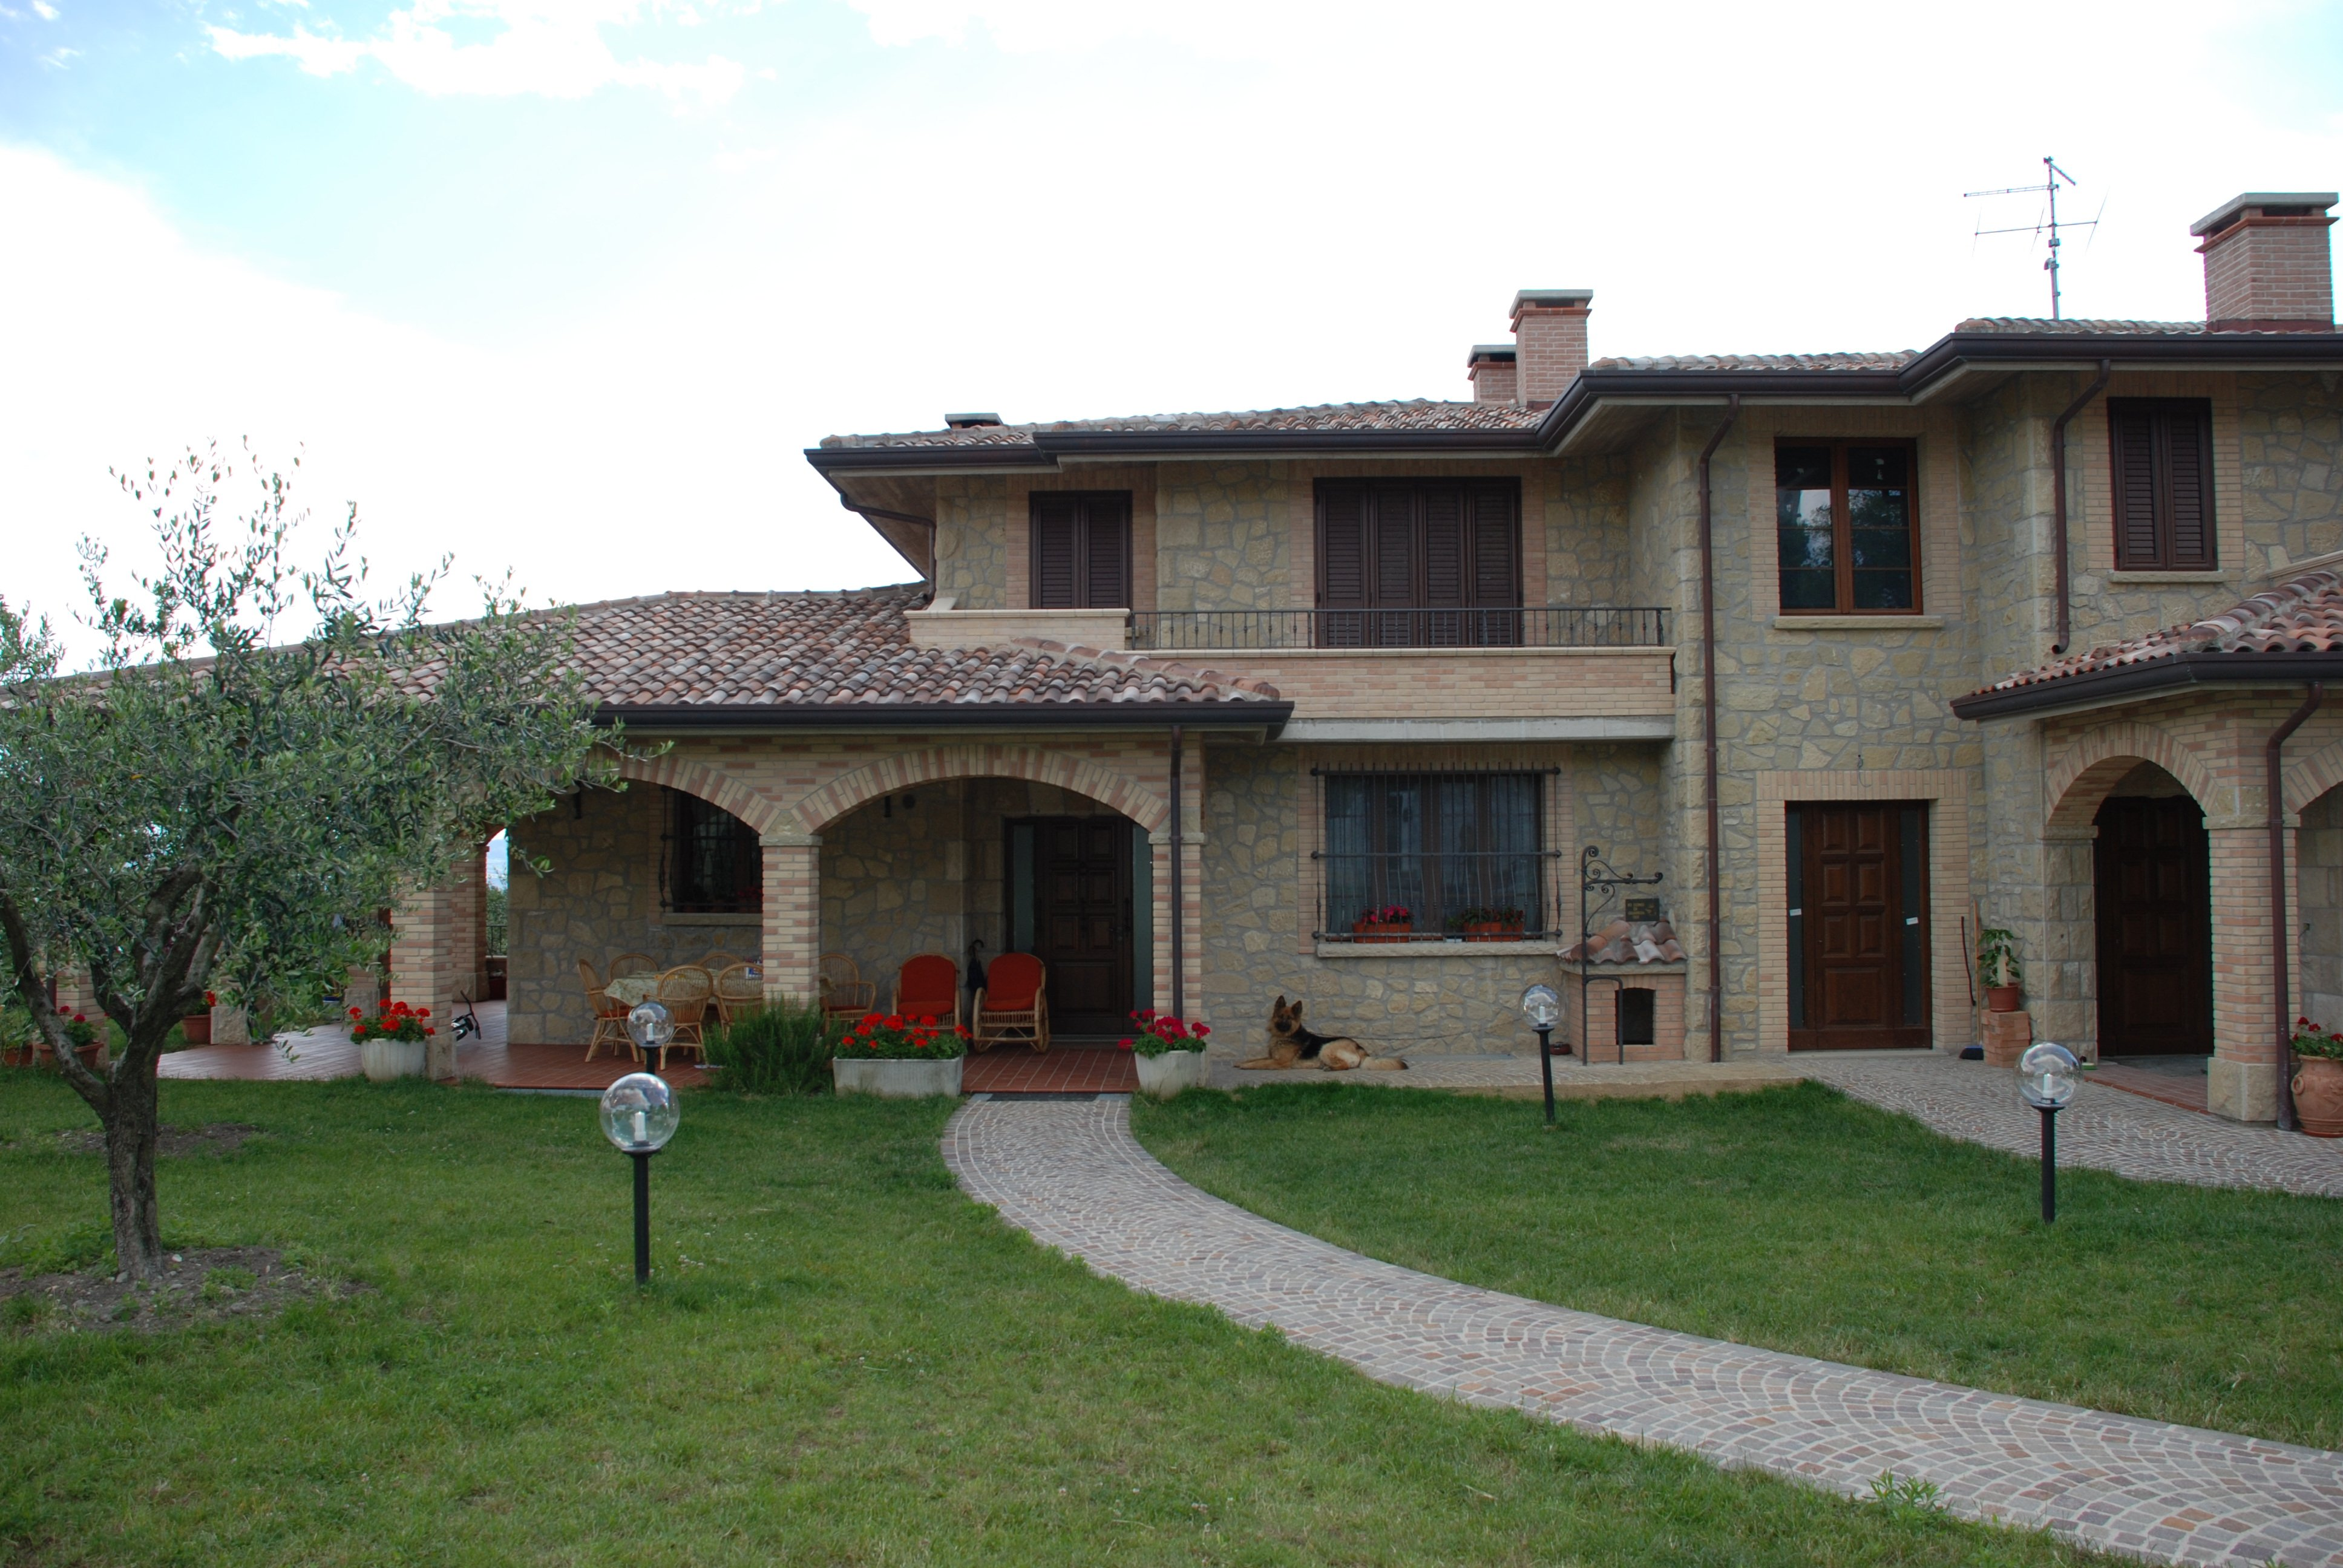 Villa in pietra con cortile e viottolo